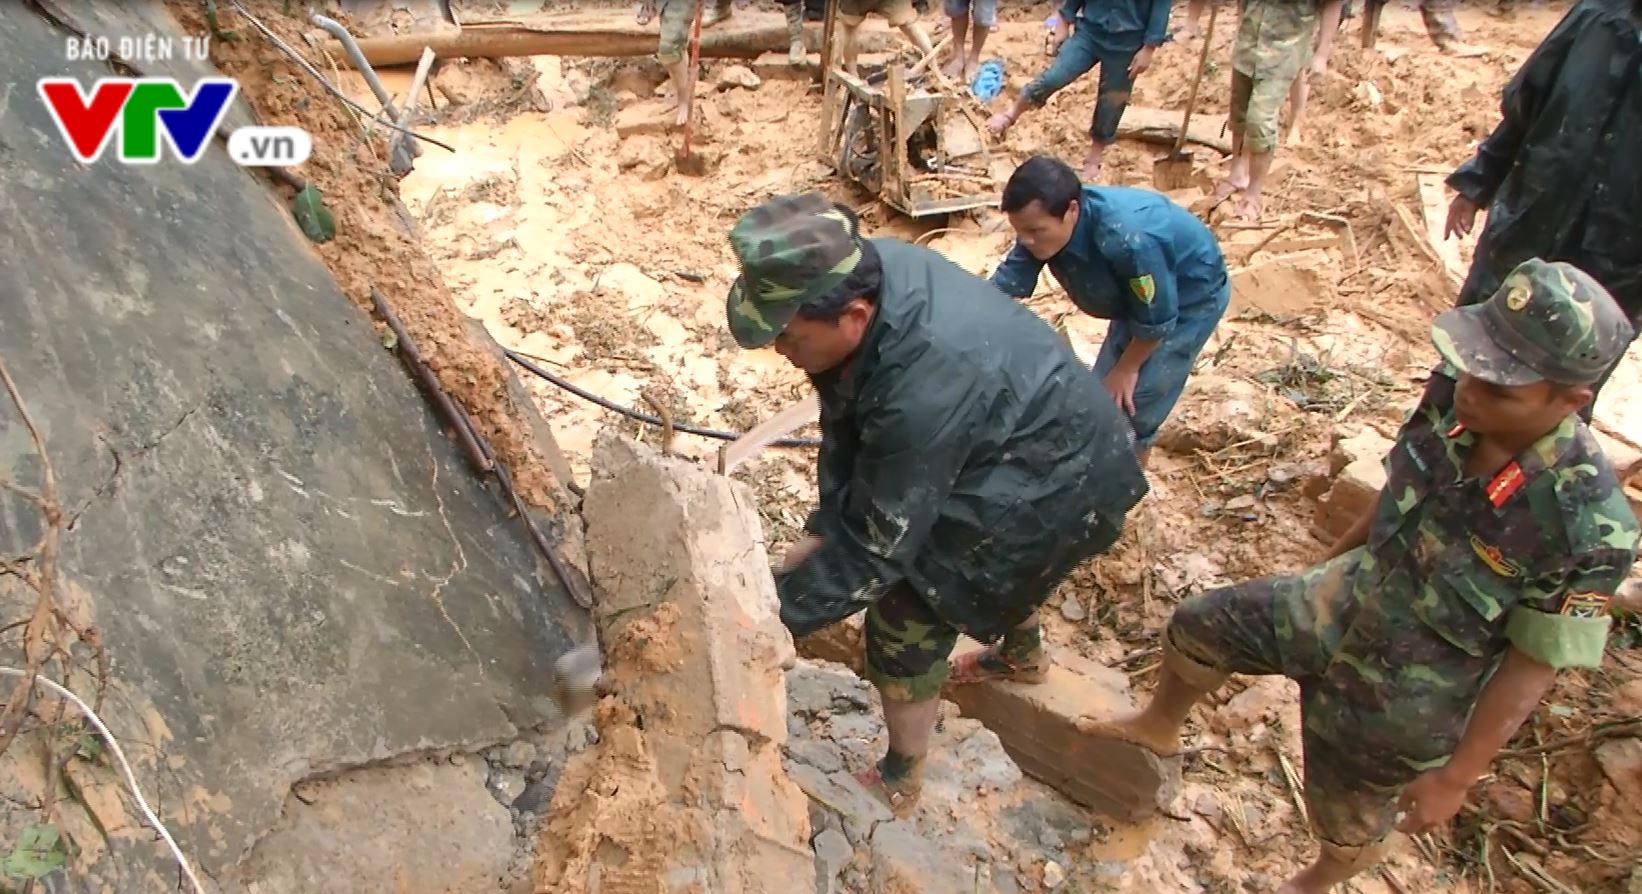 Quảng Nam: Tìm thấy thi thể 2 công nhân bị sạt lở núi vùi lấp - Ảnh 1.